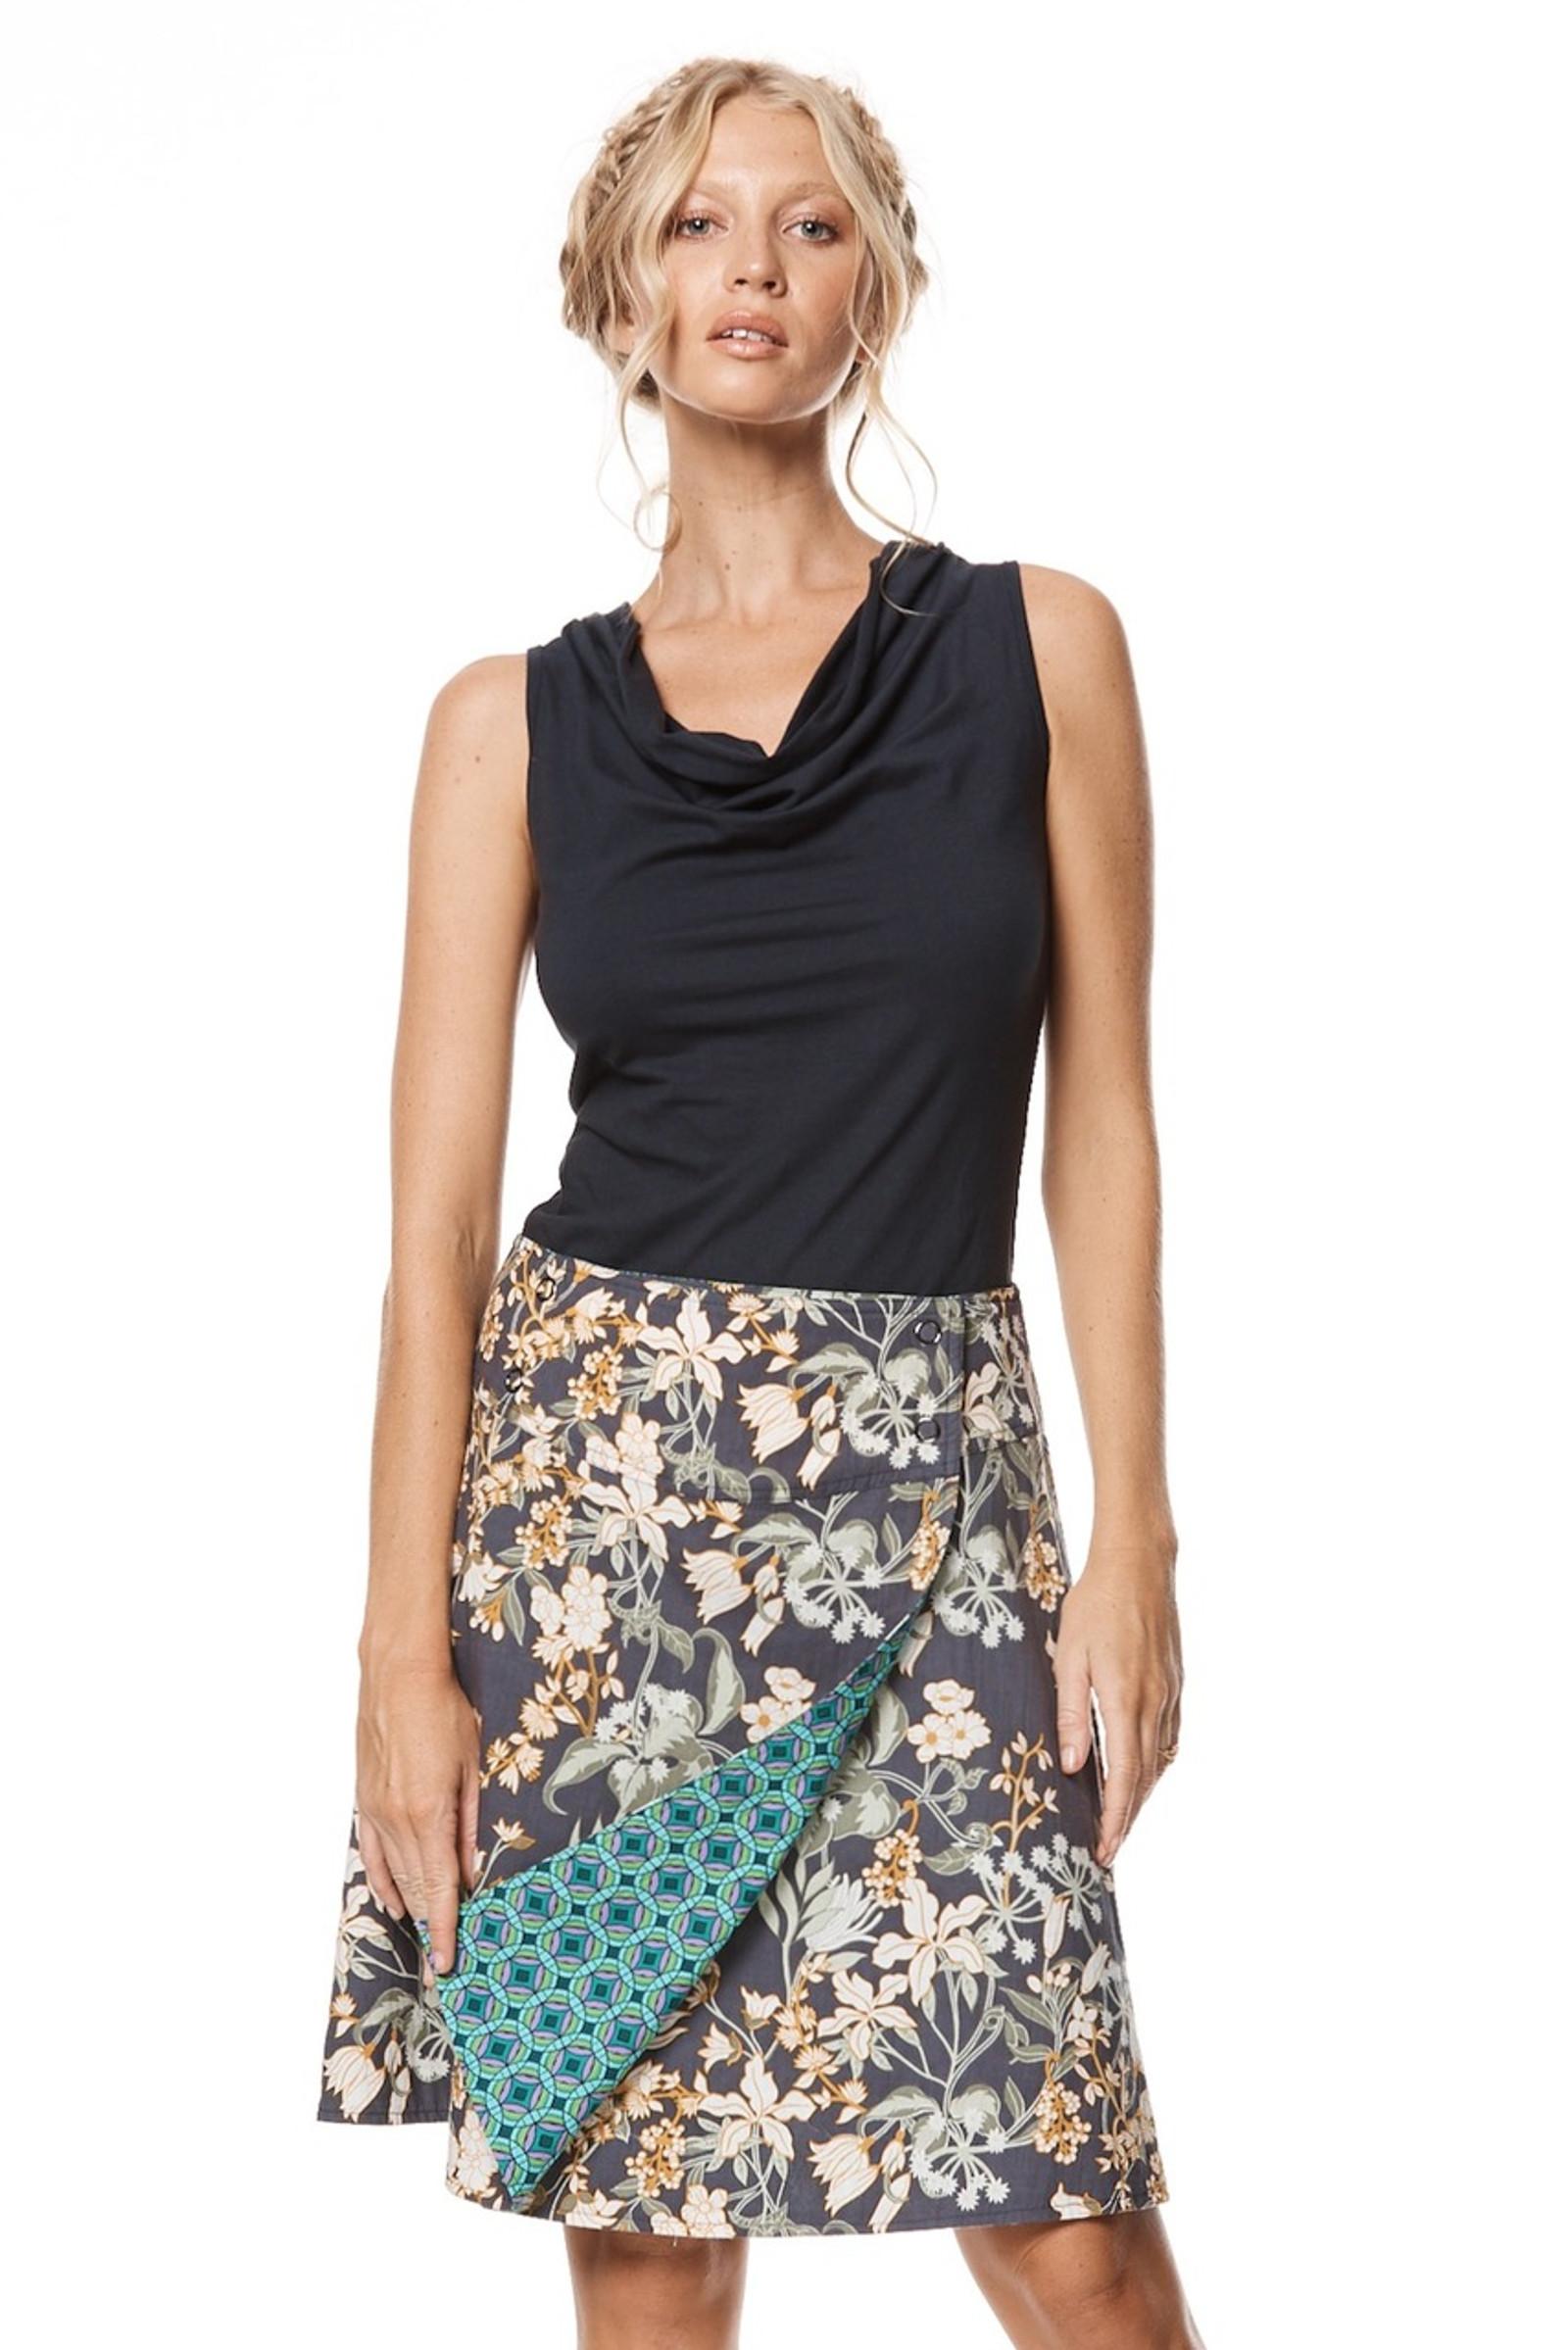 Reversible Skirt - Zinnia & Kaleido Teal